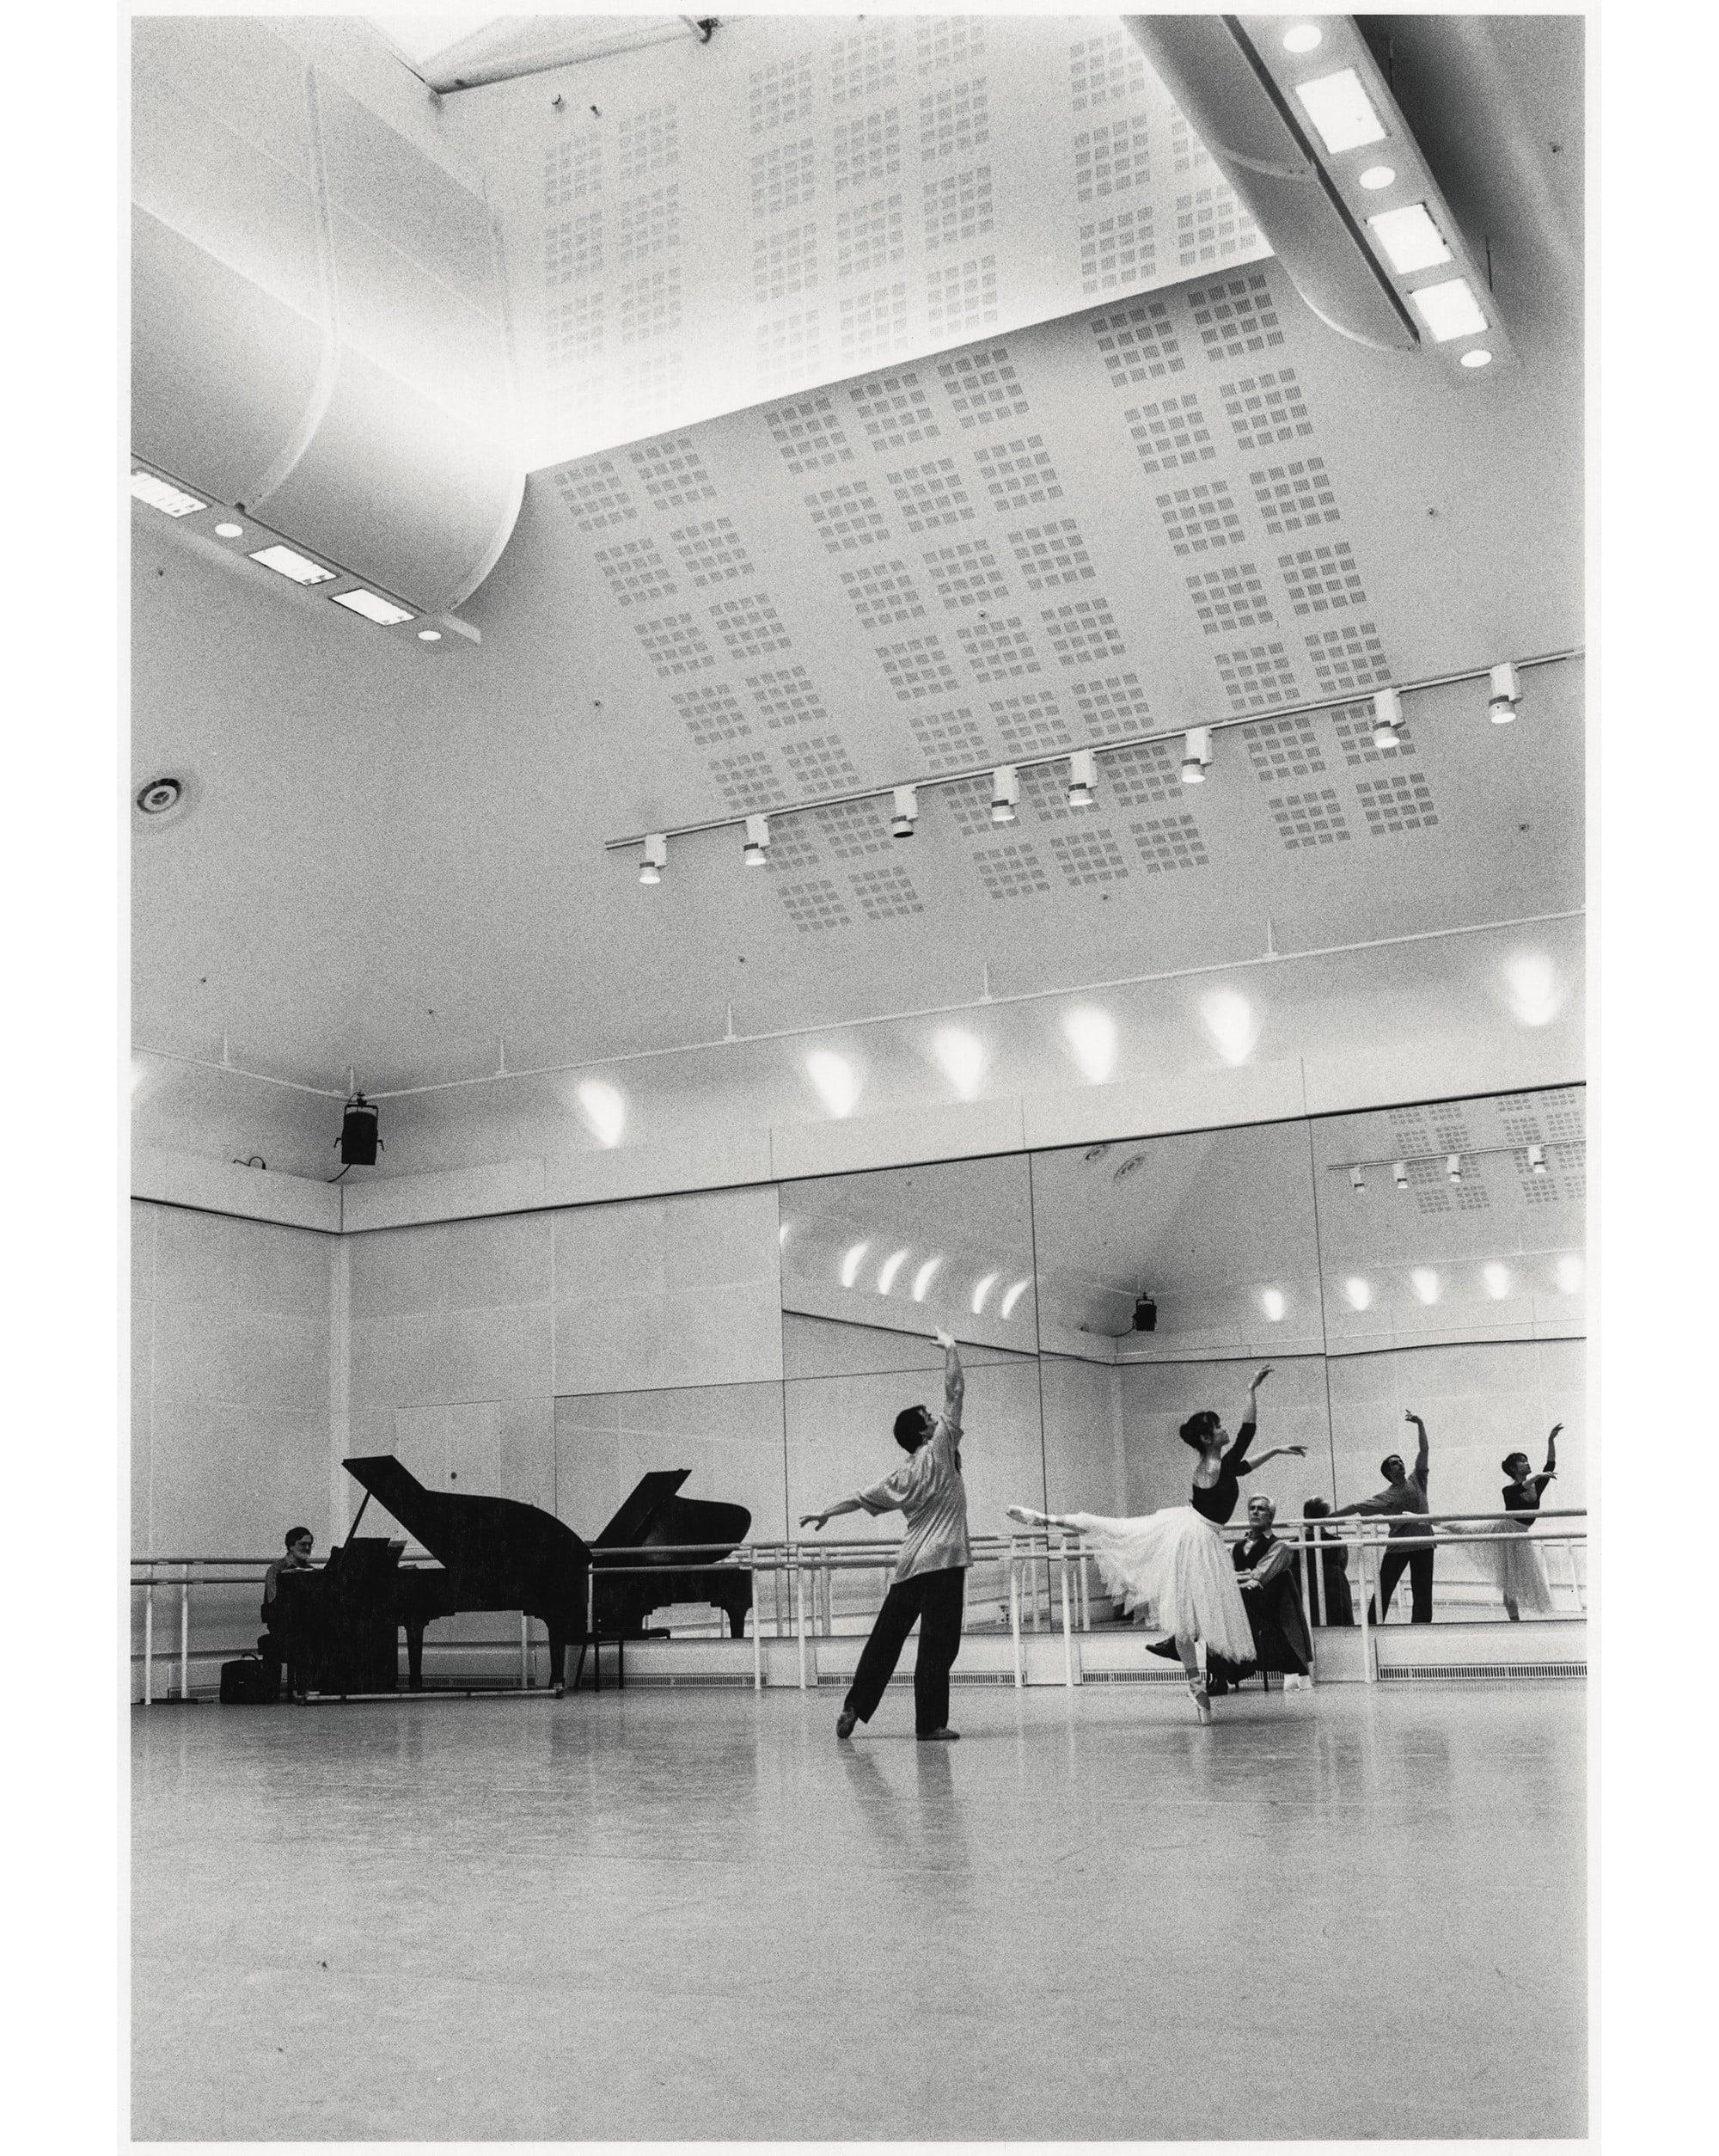 英国ロイヤル・バレエ団時代の名パートナーであった、イレク・ムハメドフとの練習風景。アシュトン・スタジオにて。『吉田都 永遠のプリンシパル』(河出書房新社)より。 Photography by 🄫Yuko Miyazawa